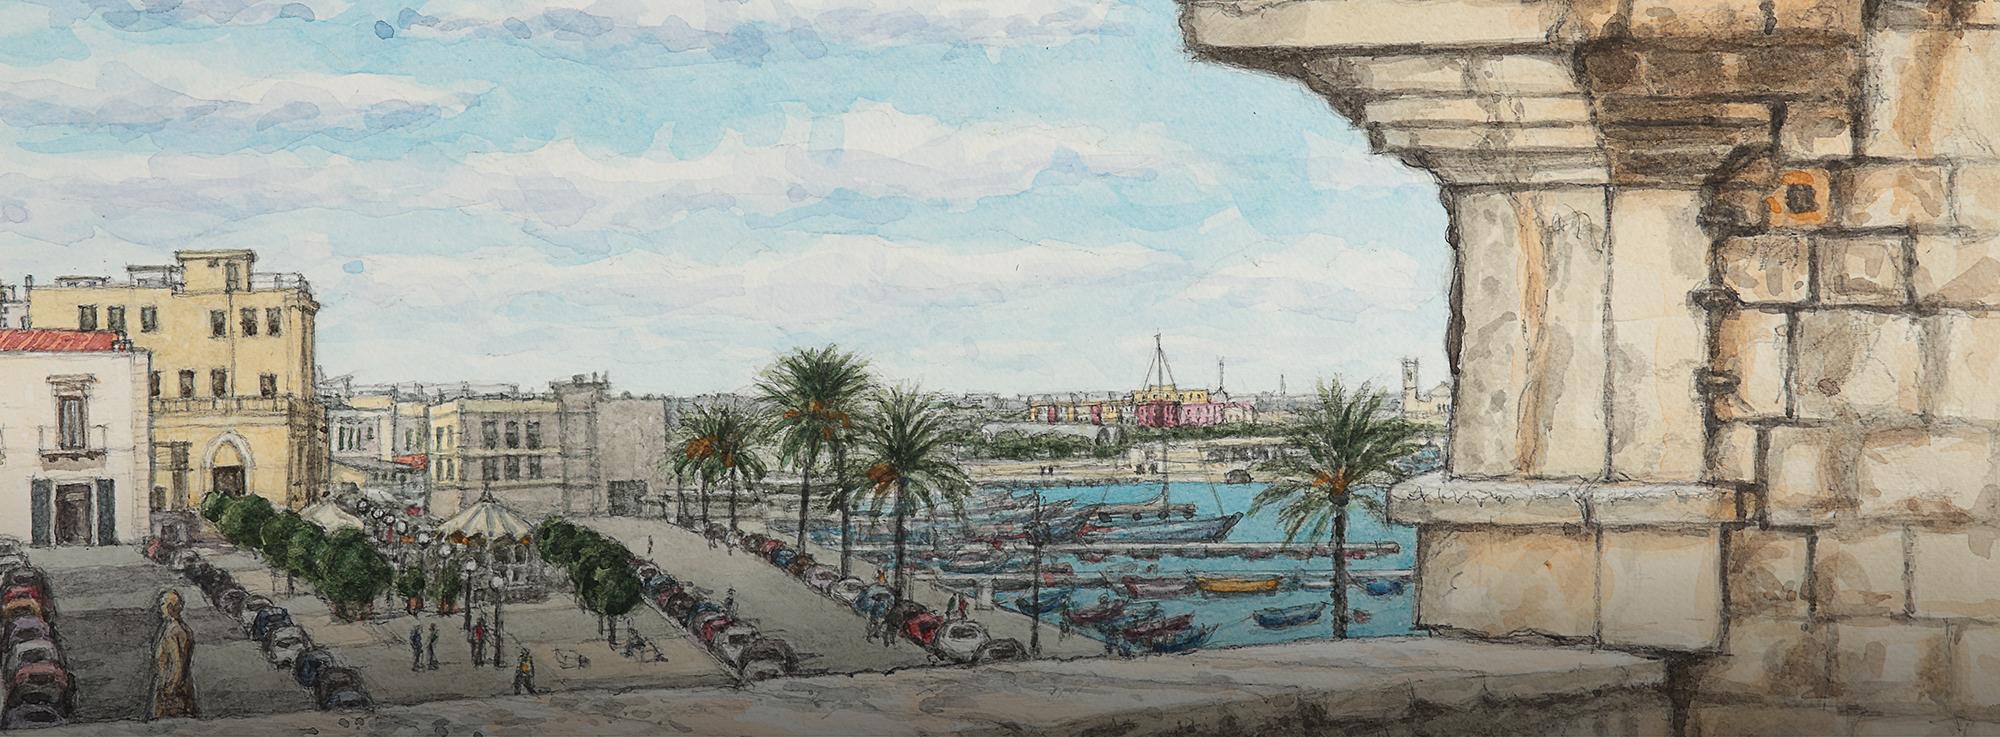 Molfetta: Scorci e volti di una città, Marco Tagliaro in mostra